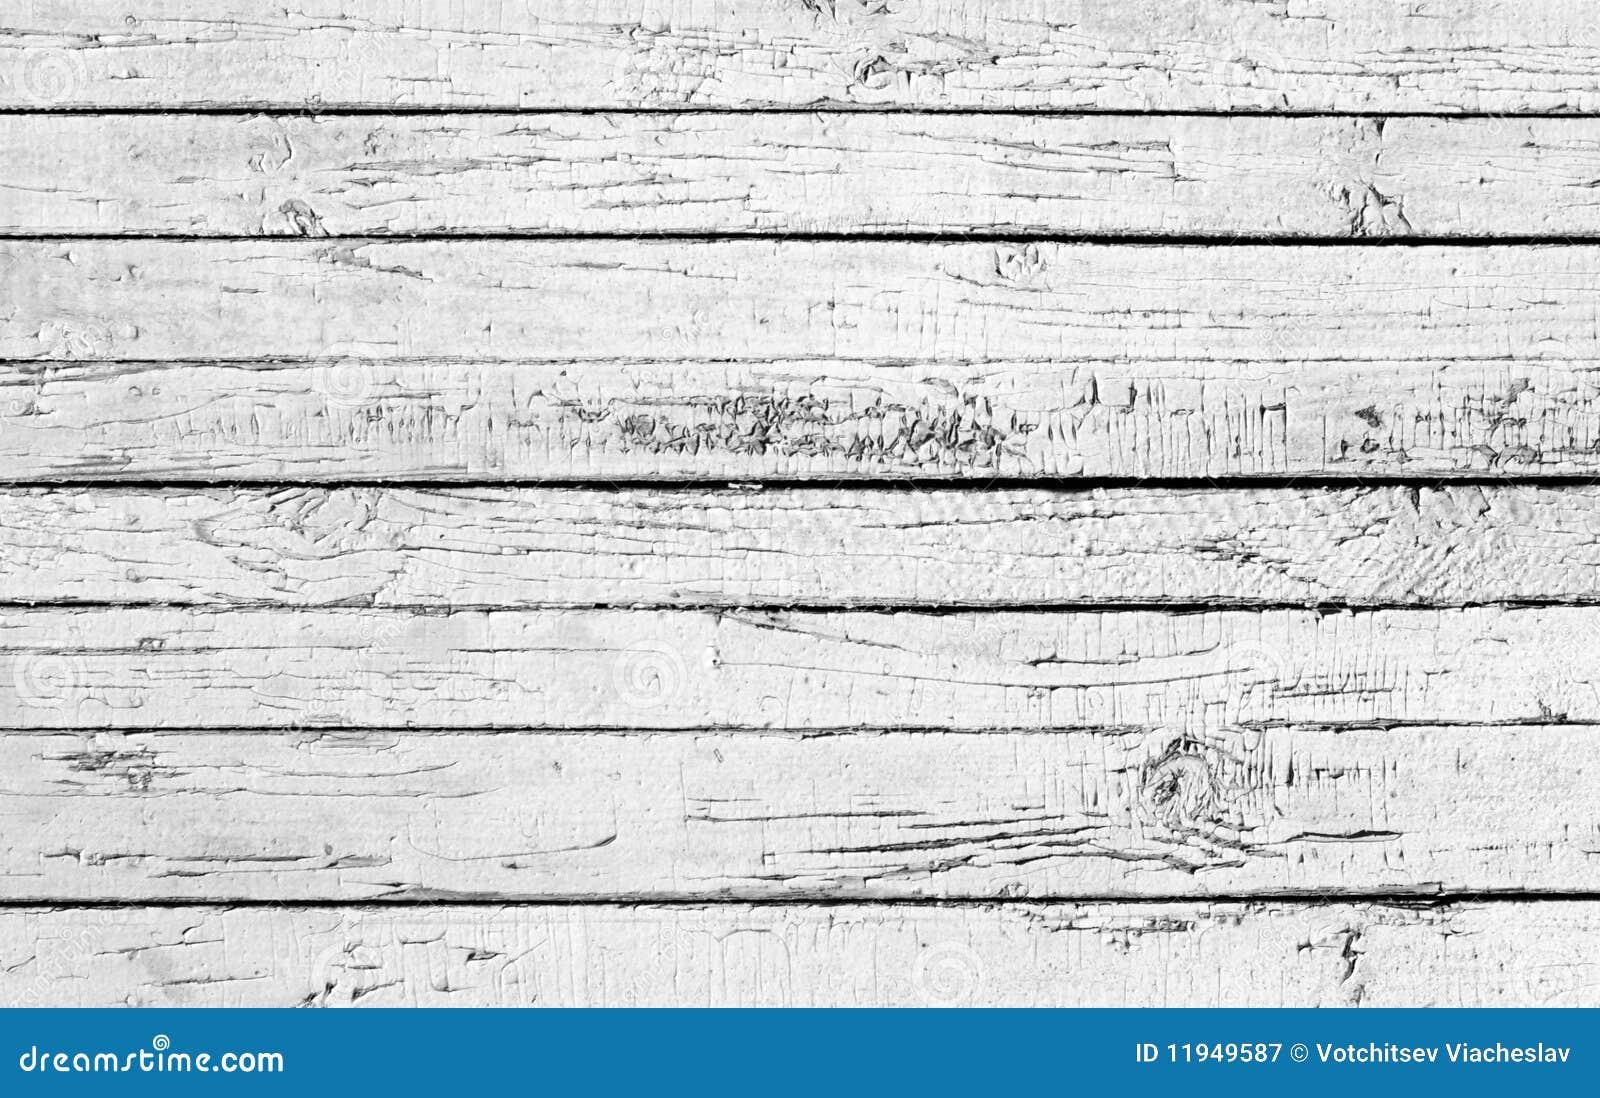 Planche en bois blanche photographie stock libre de droits for Planche en bois noir